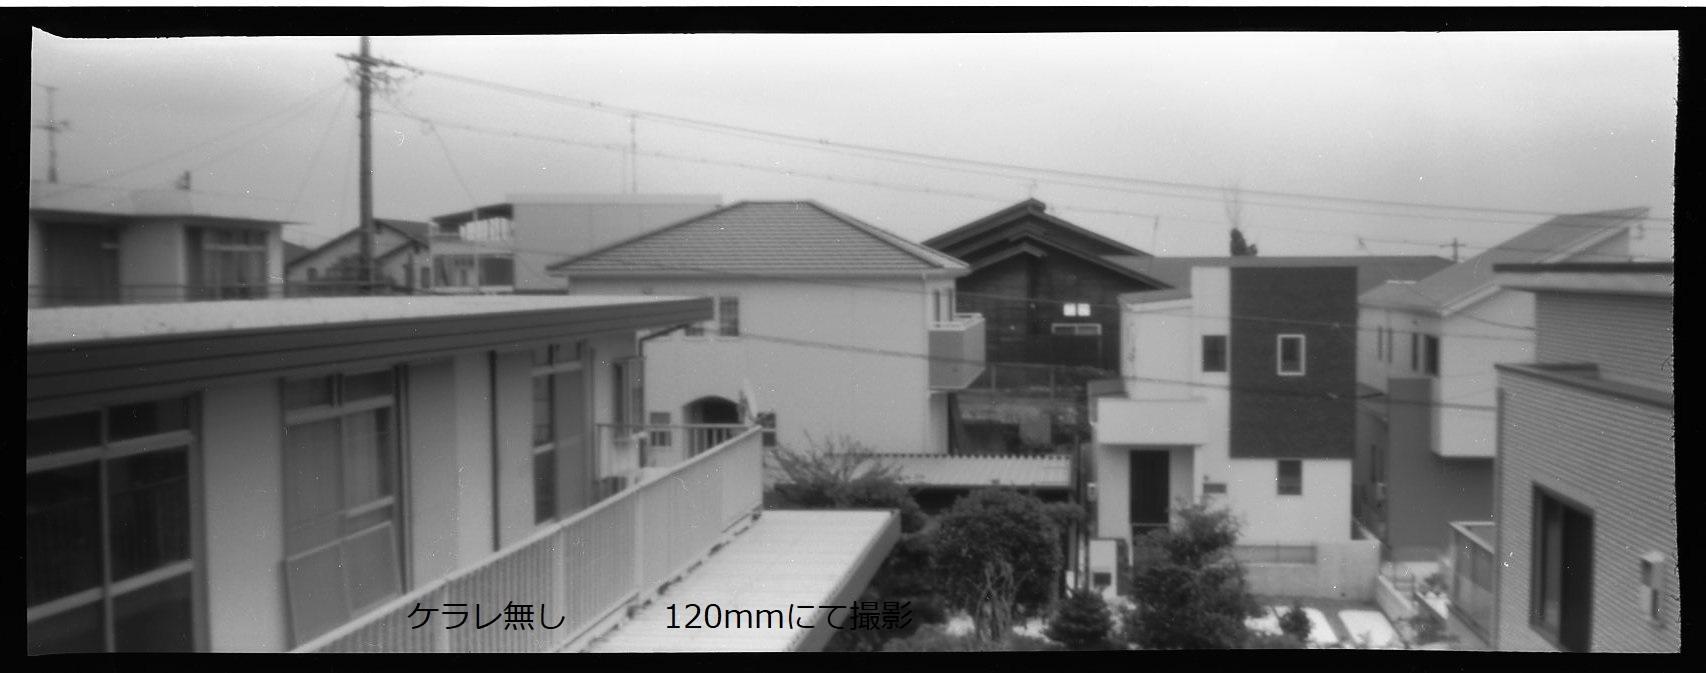 第8回 好きやねん大阪カメラ倶楽部 例会報告_d0138130_00161794.jpg